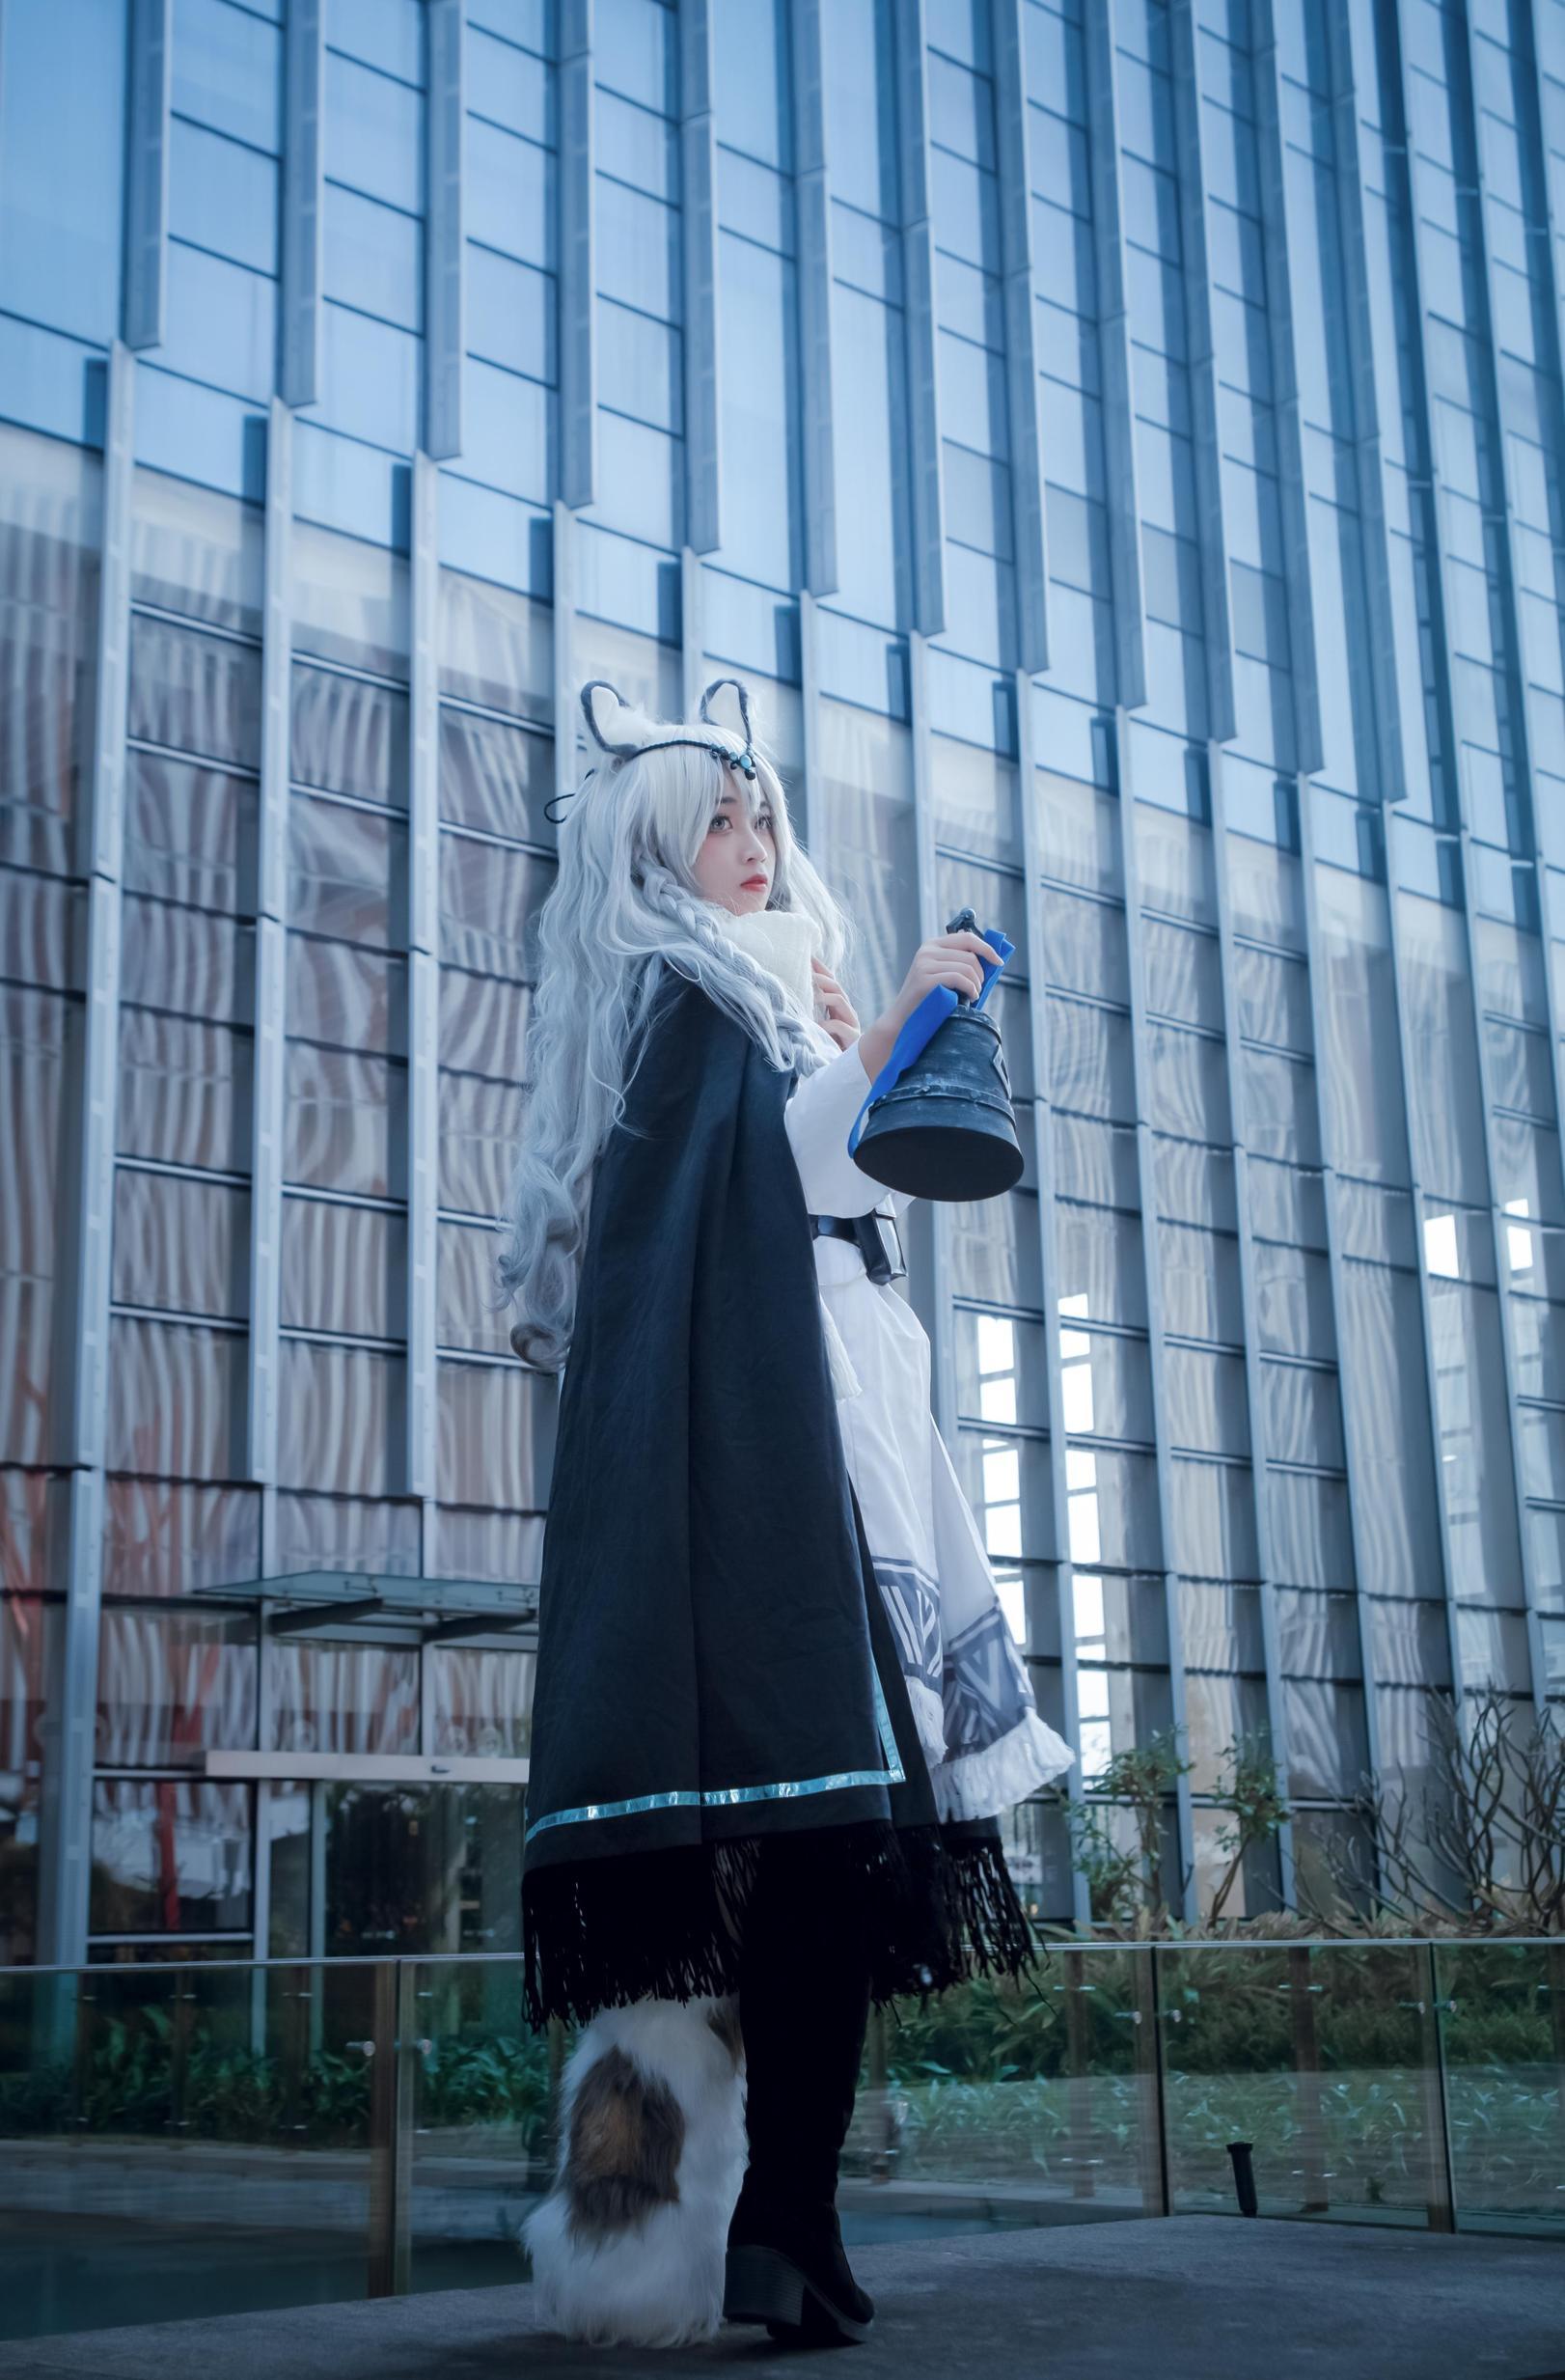 《明日方舟》漫展cosplay【CN:Futaba双叶】 -求一些cosplay长筒袜图片插图